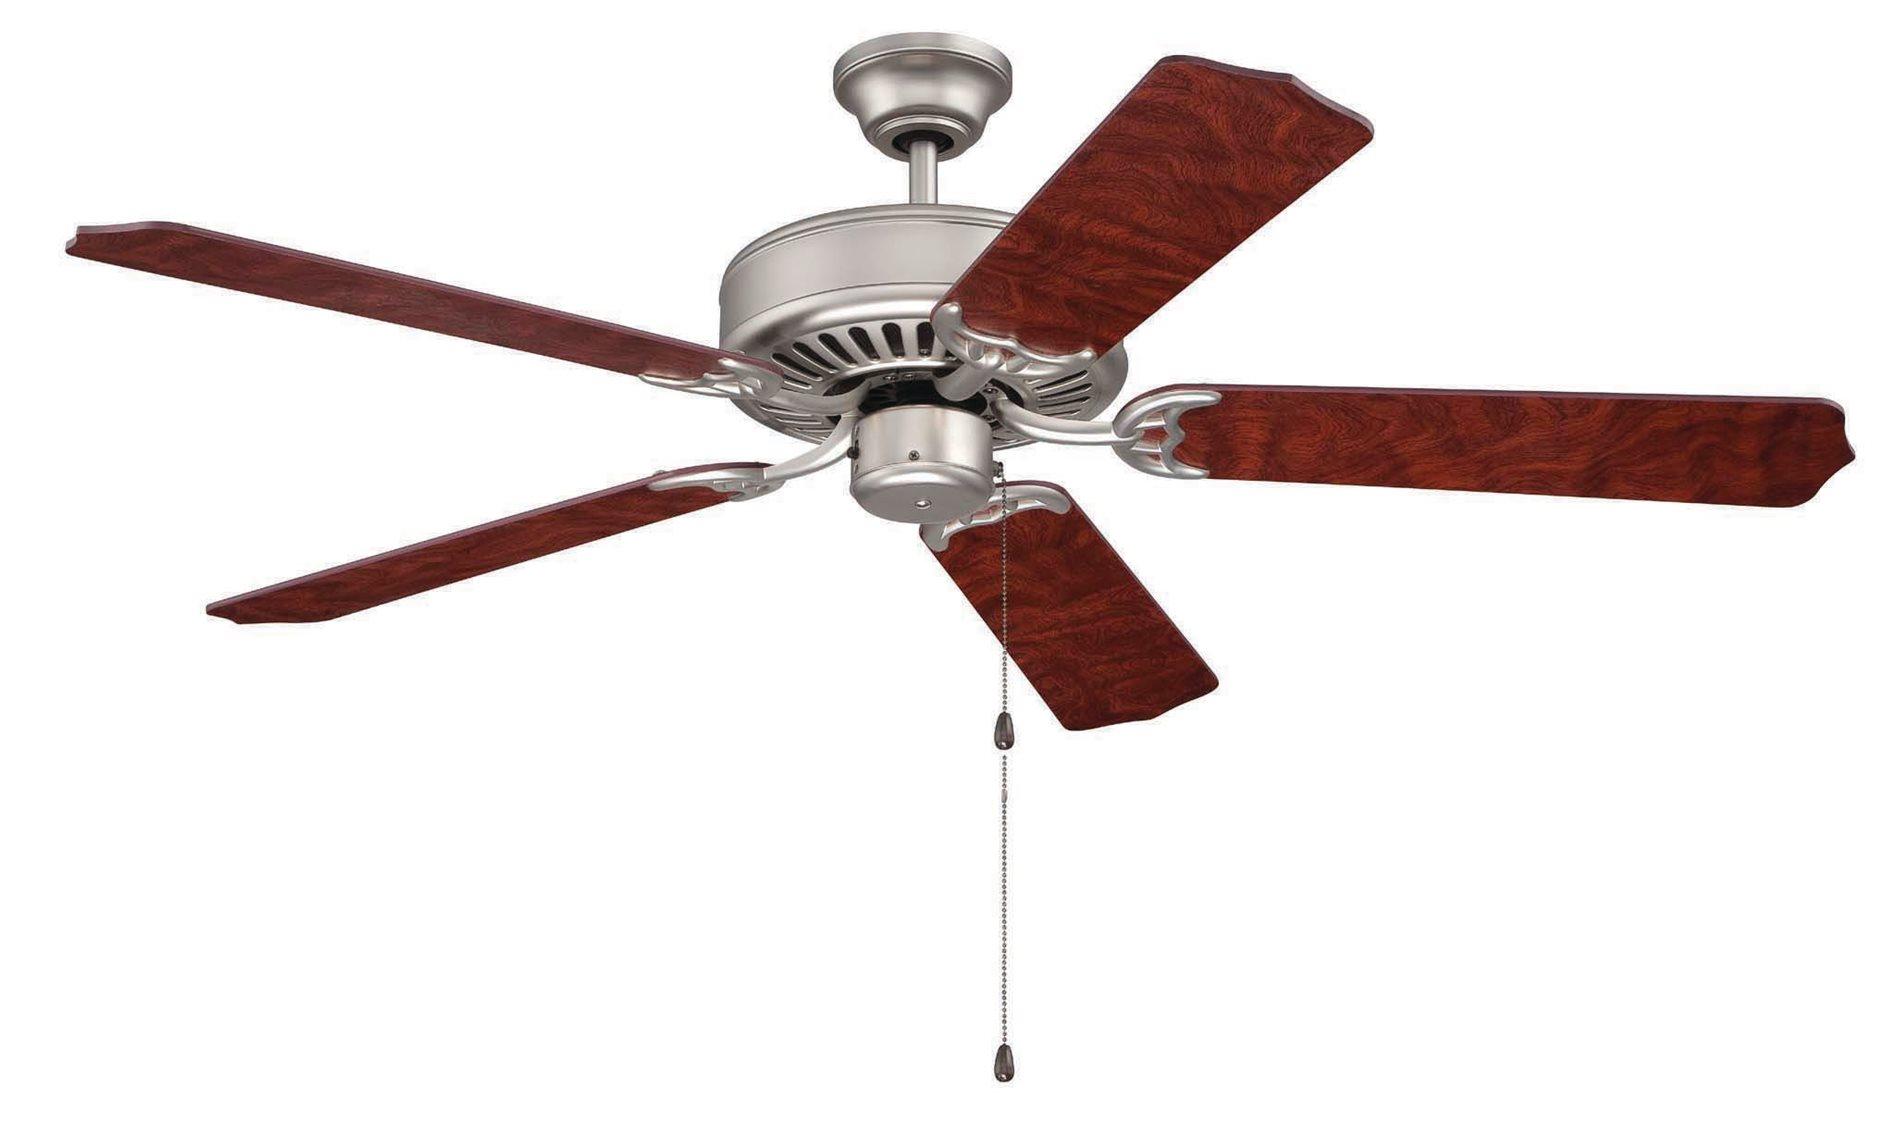 Decorative Ceiling Fans : Craftmade c quot decorative ceiling fan cm